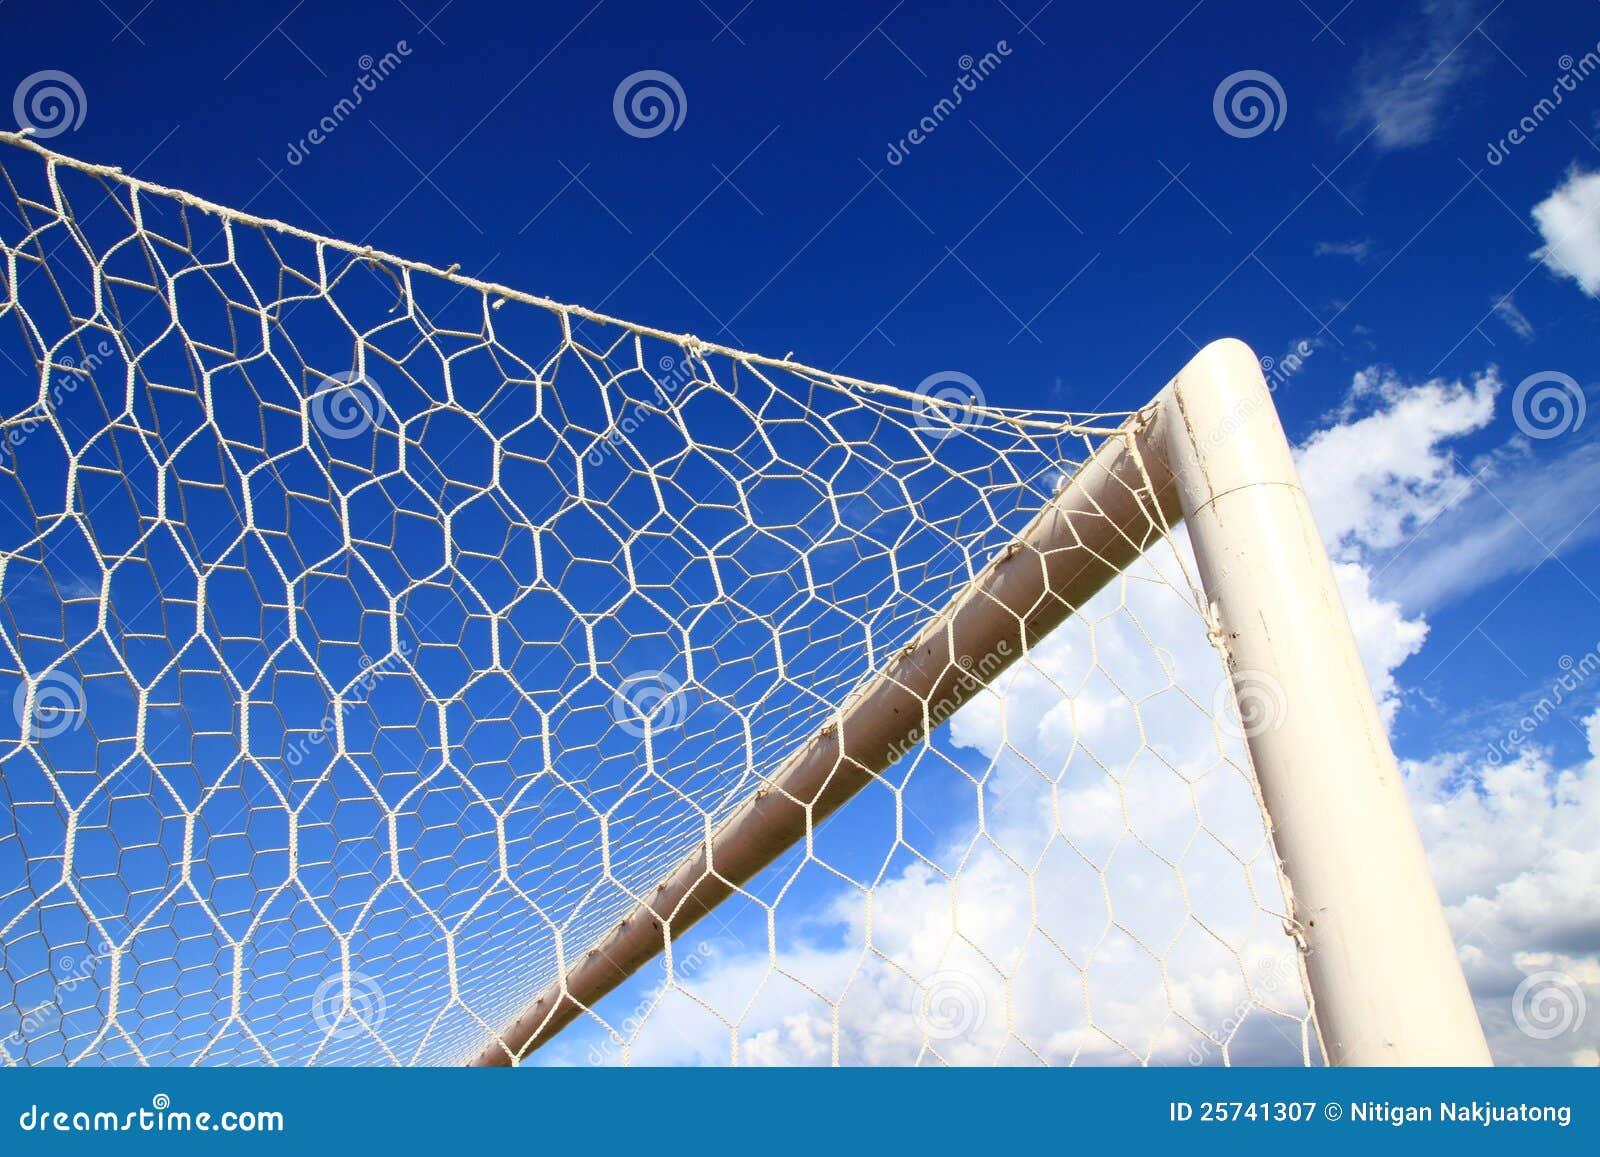 Soccer or Football Goal Conner